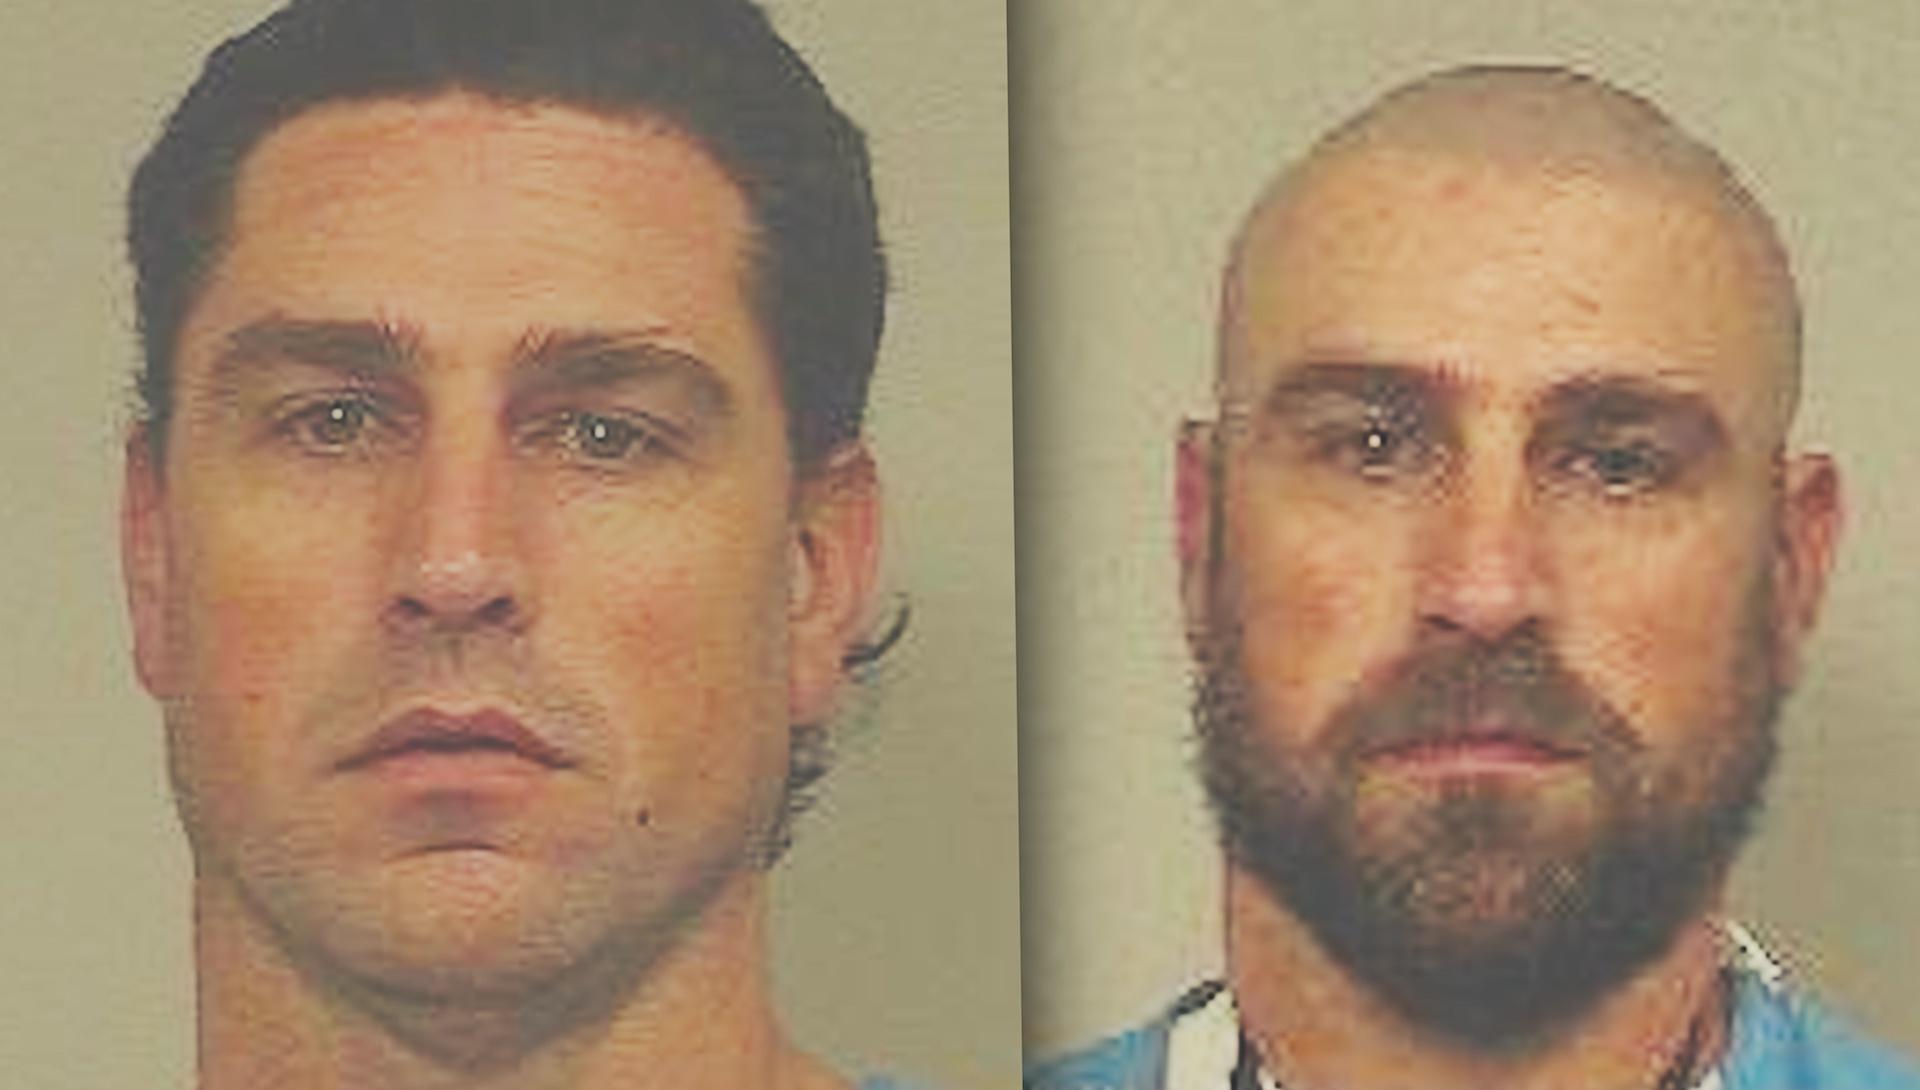 Bloomingdale fic arrest sex offender